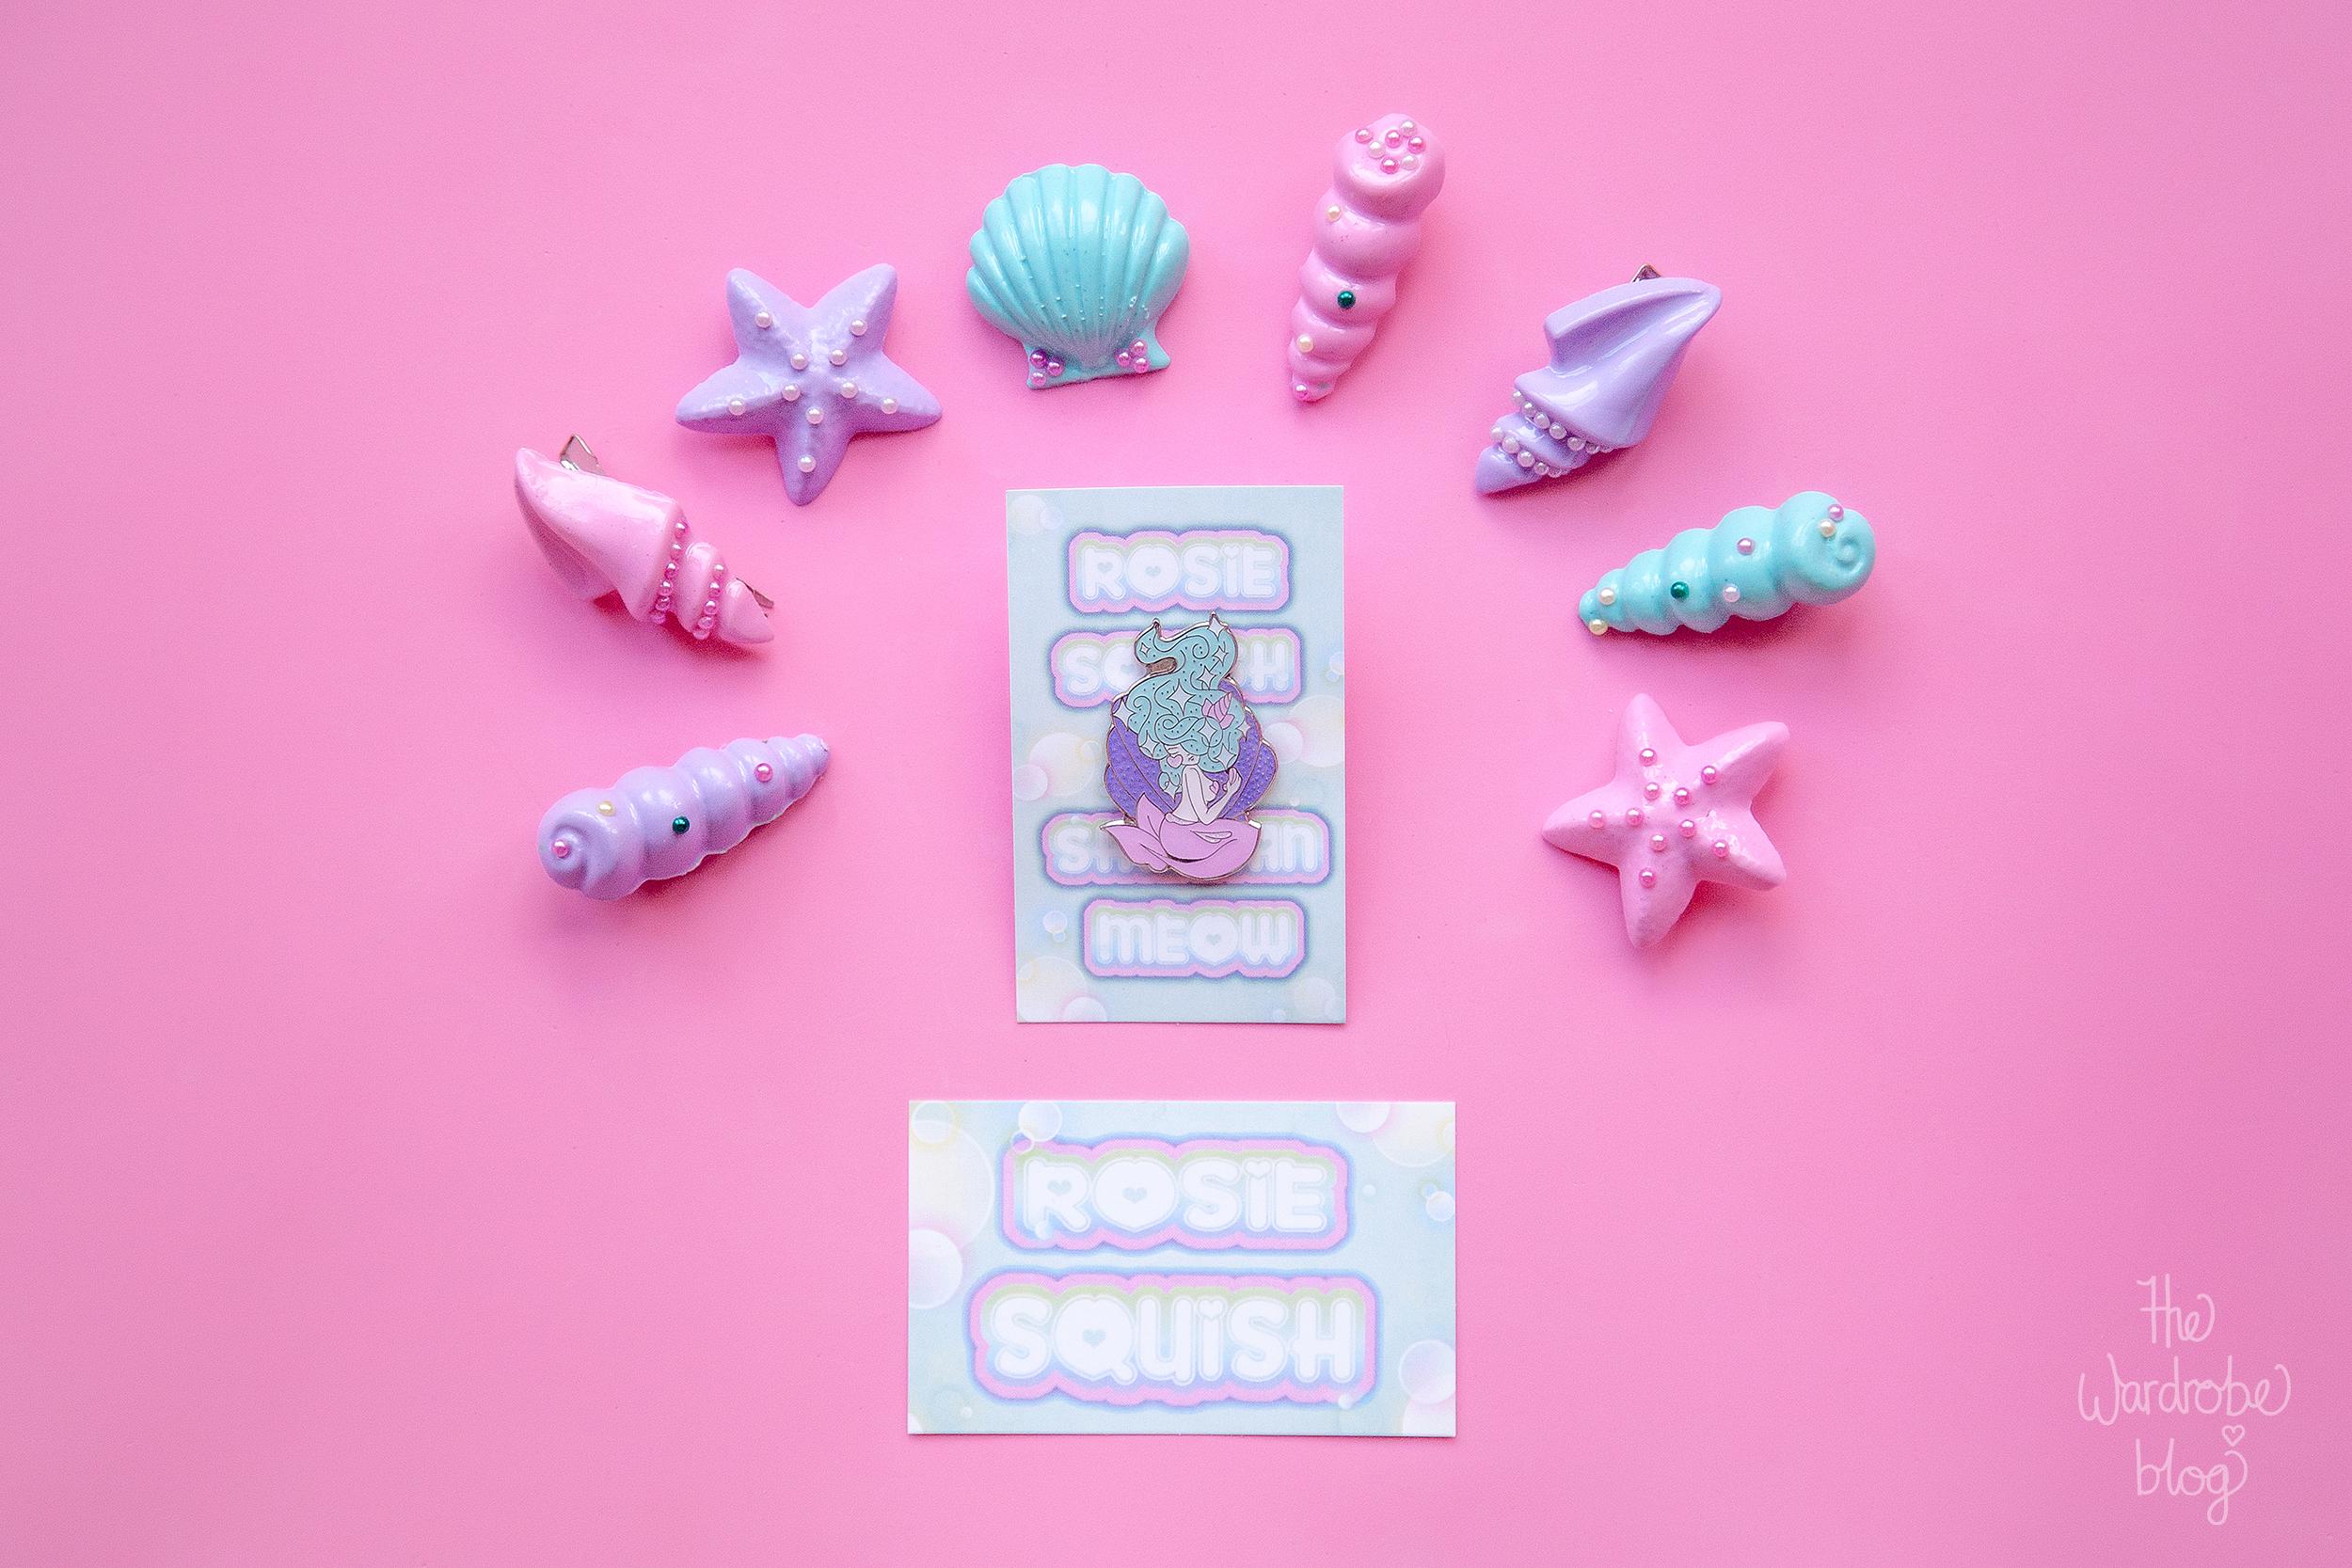 Rosie-Squish-Mermaid-Pin